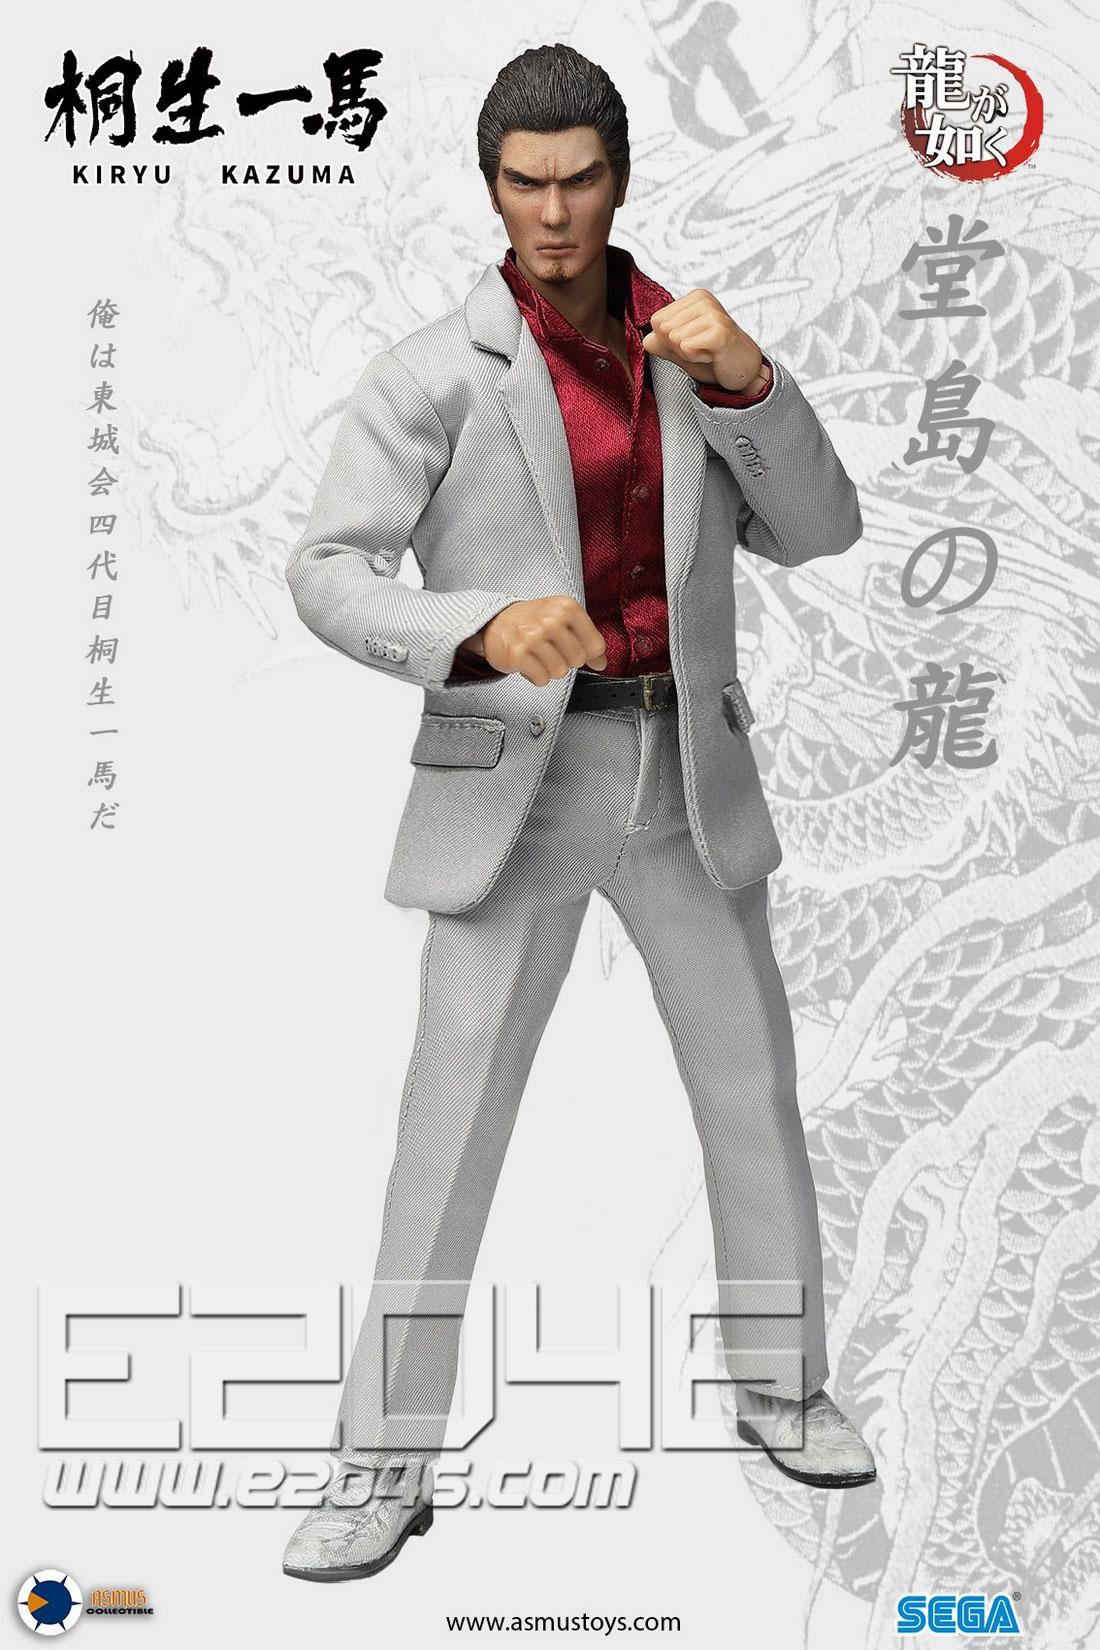 Kiryu Kazuma (DOLL)